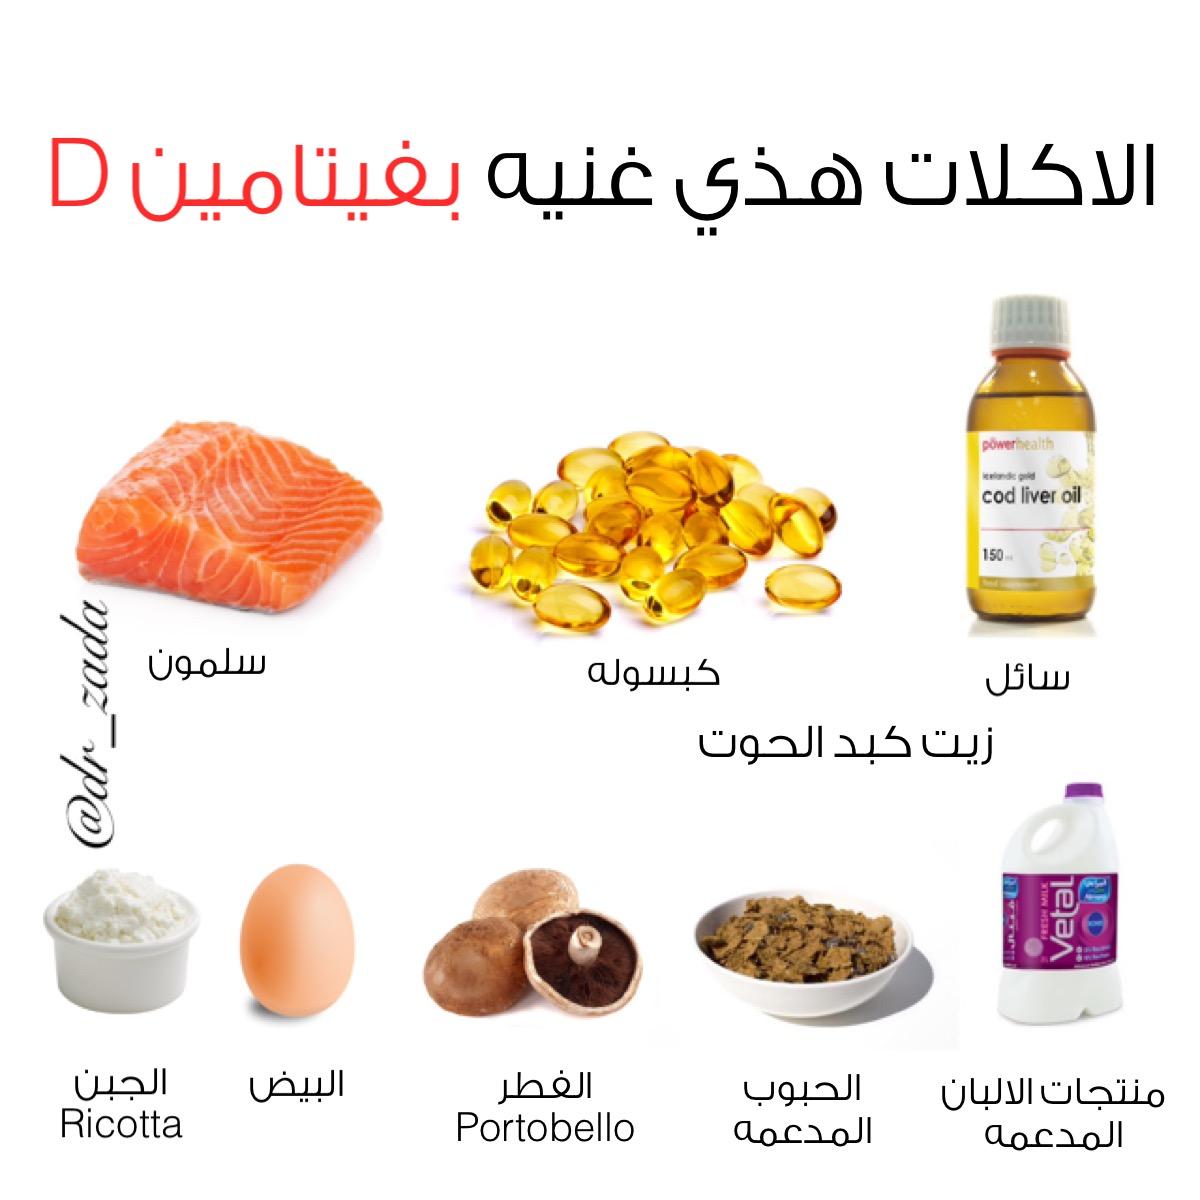 صورة مصادر فيتامين د , الاطعمه التي تحتوي ع فيتامين د